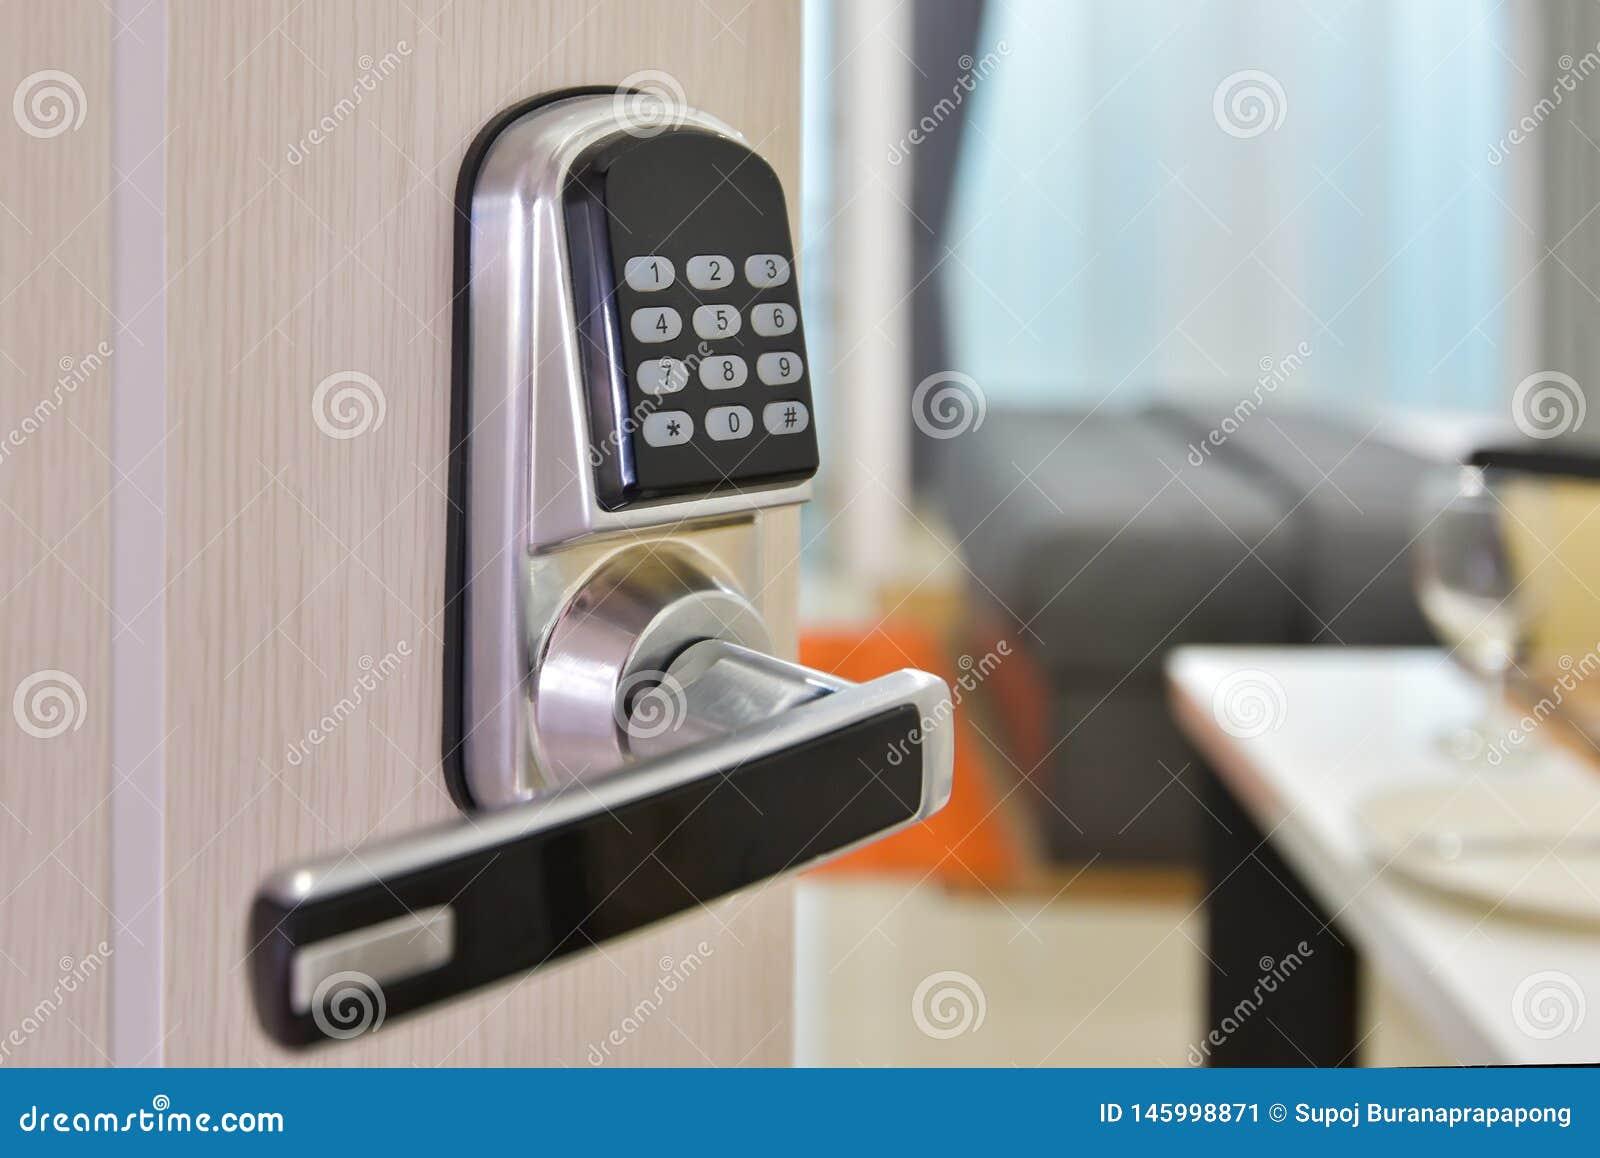 有数字密码门的电子门存取控制系统机器 一半开门把柄特写镜头,对生活的入口